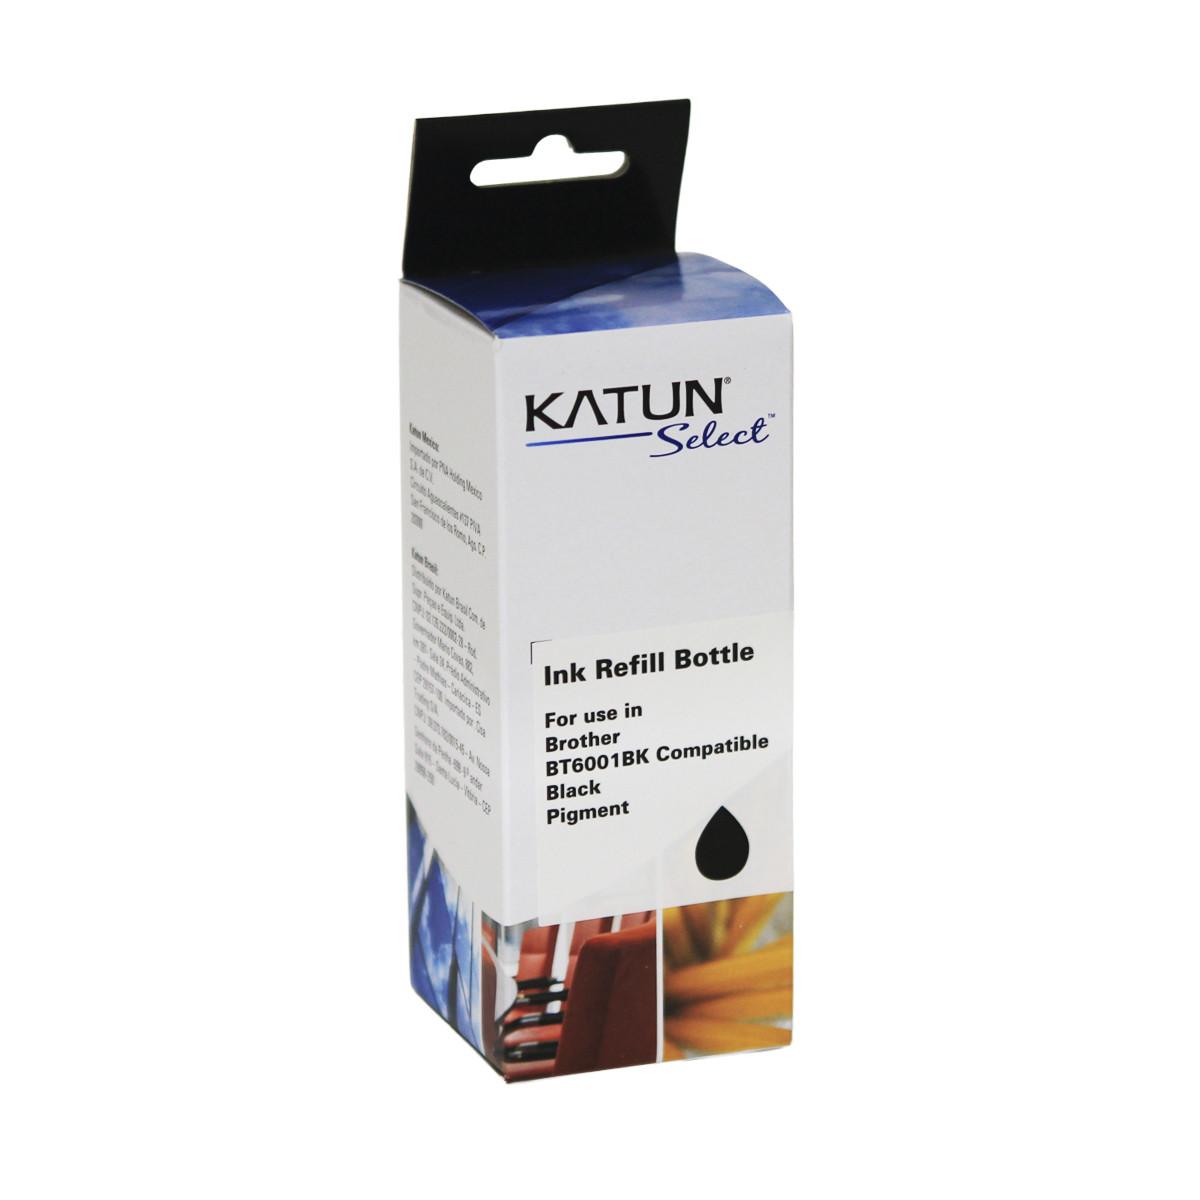 Tinta Compatível com Brother BT6001BK Preto | T-300 T-500W T-700W T-800W | Katun Select 100ml